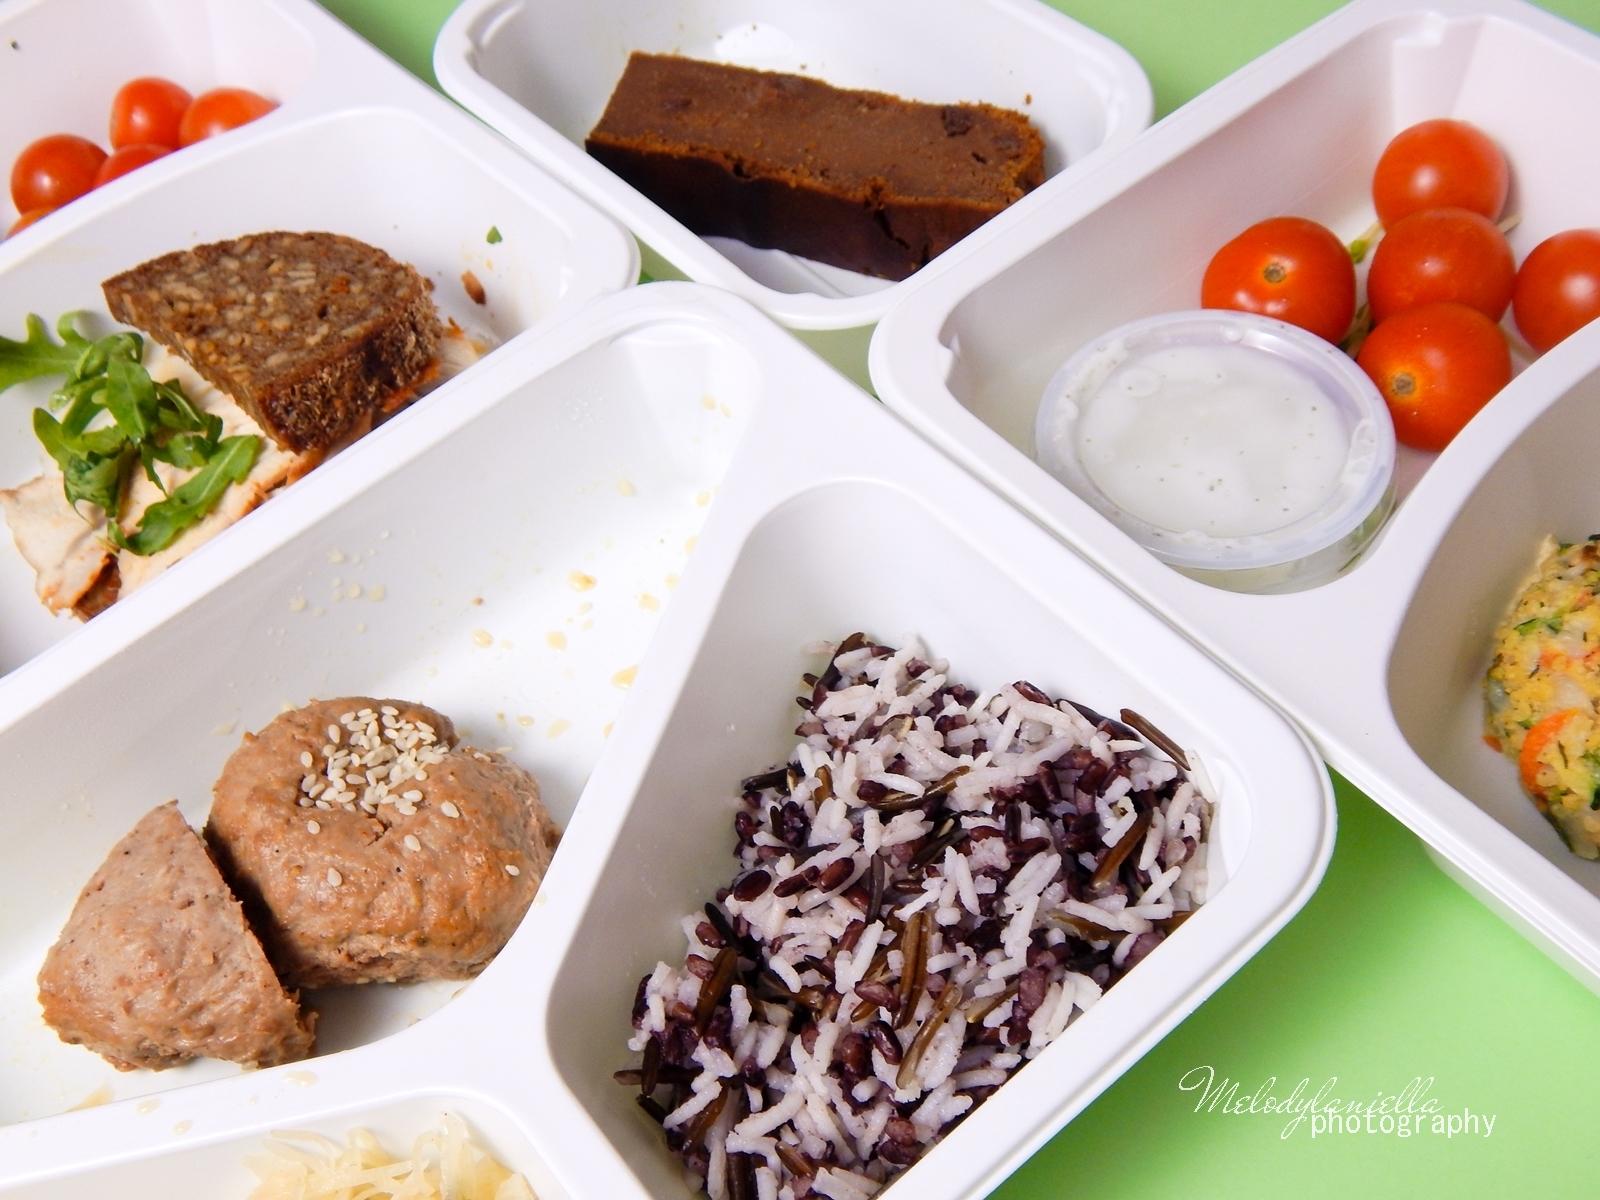 010 cateromarket dieta pudełkowa catering dietetyczny dieta jak przejść na dietę catering z dowozem do domu dieta kalorie melodylaniella dieta na cały dzień jedzenie na cały dzień catering do domu